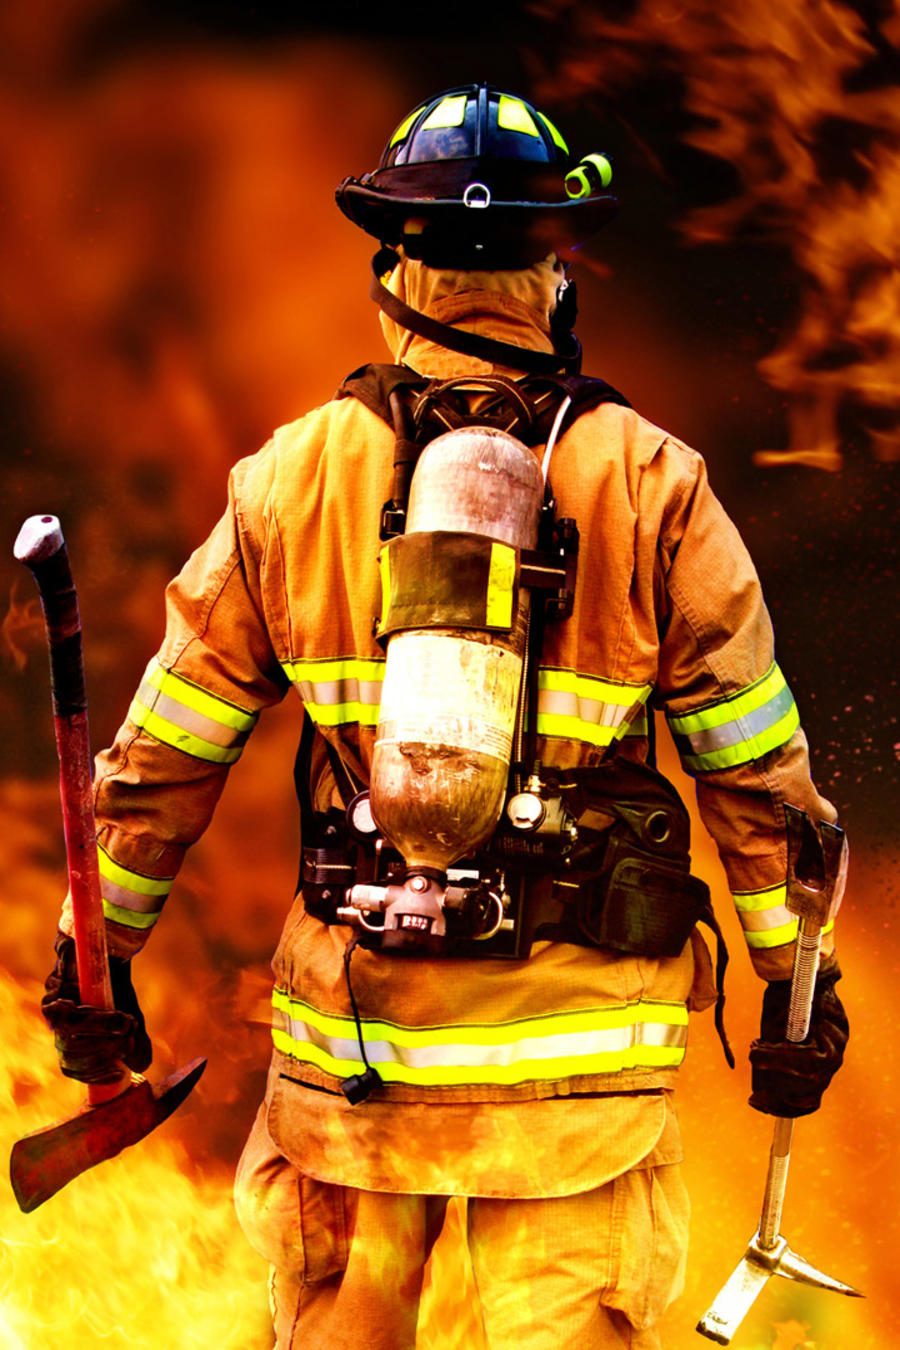 Bombero de espalda enfrentando el fuego